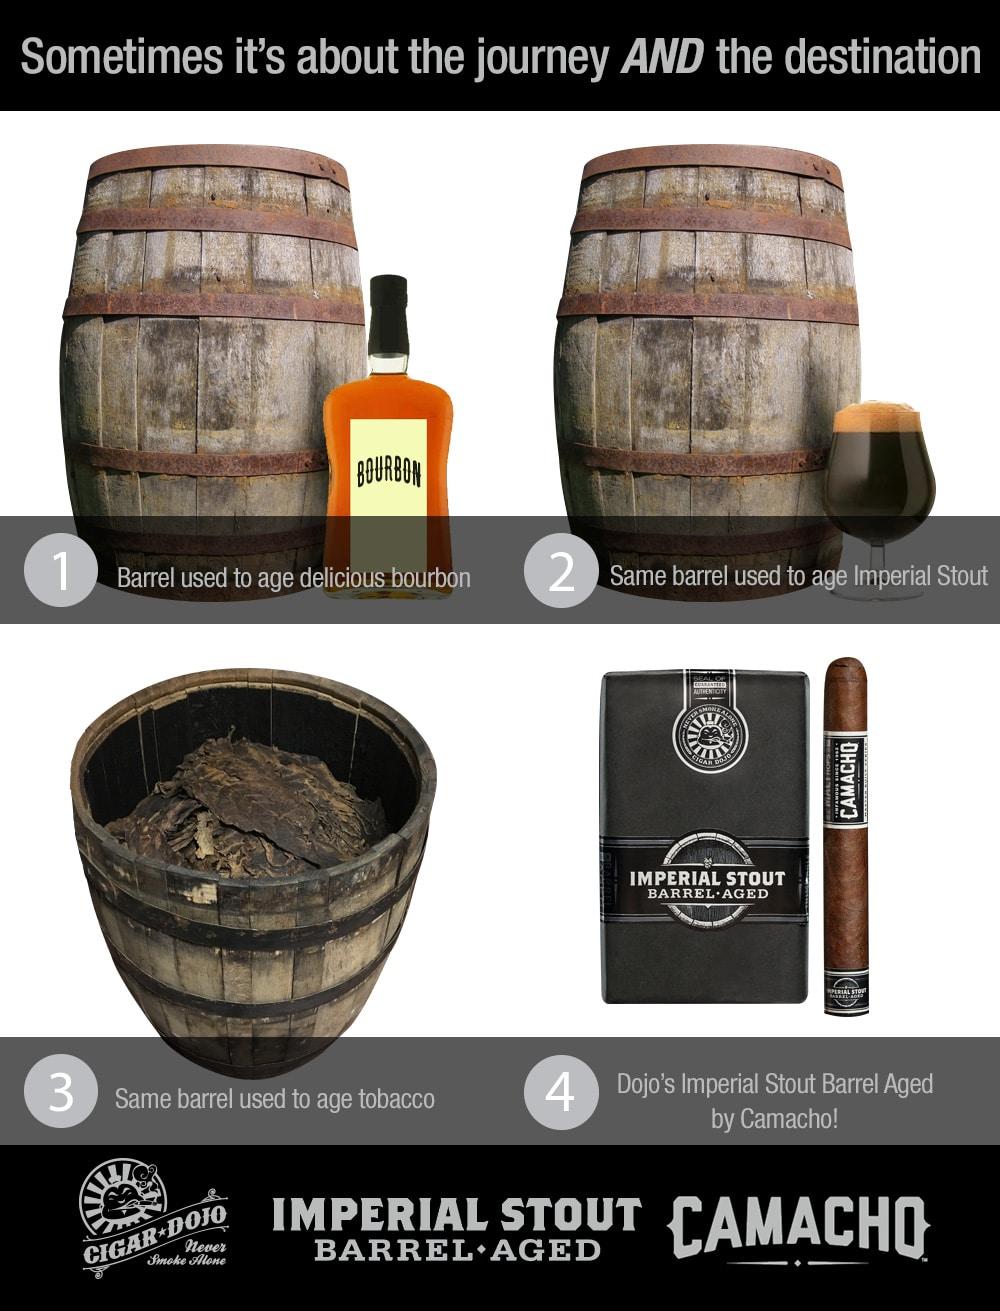 Cigar Dojo Imperial Stout Barrel-Aged by Camacho cigar journey